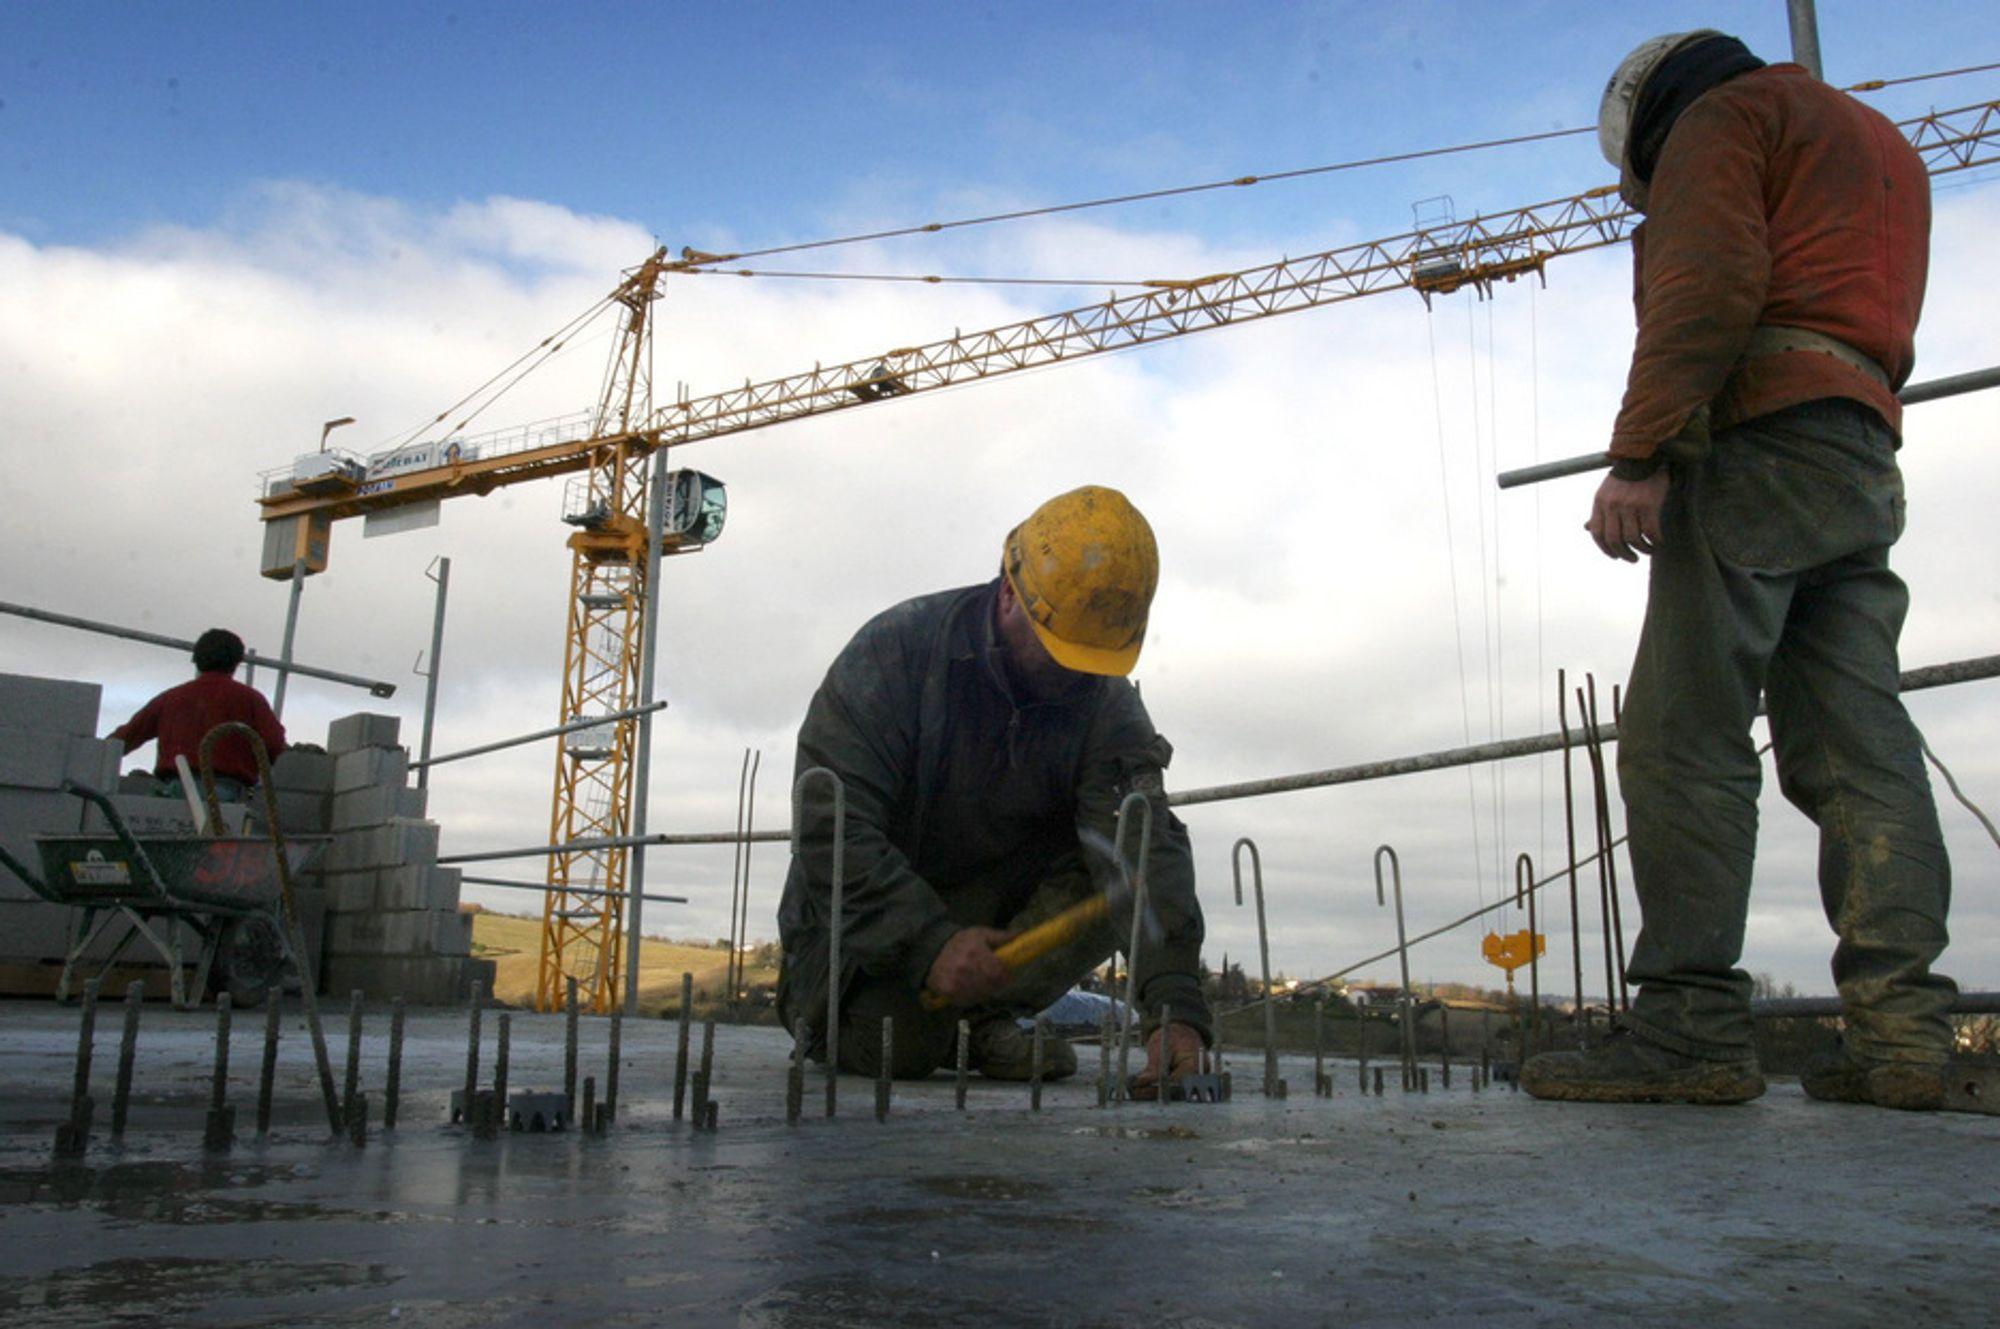 Byggebransjen håper staten vil sette i gang nok prosjekter til å få dem gjennom krisen.